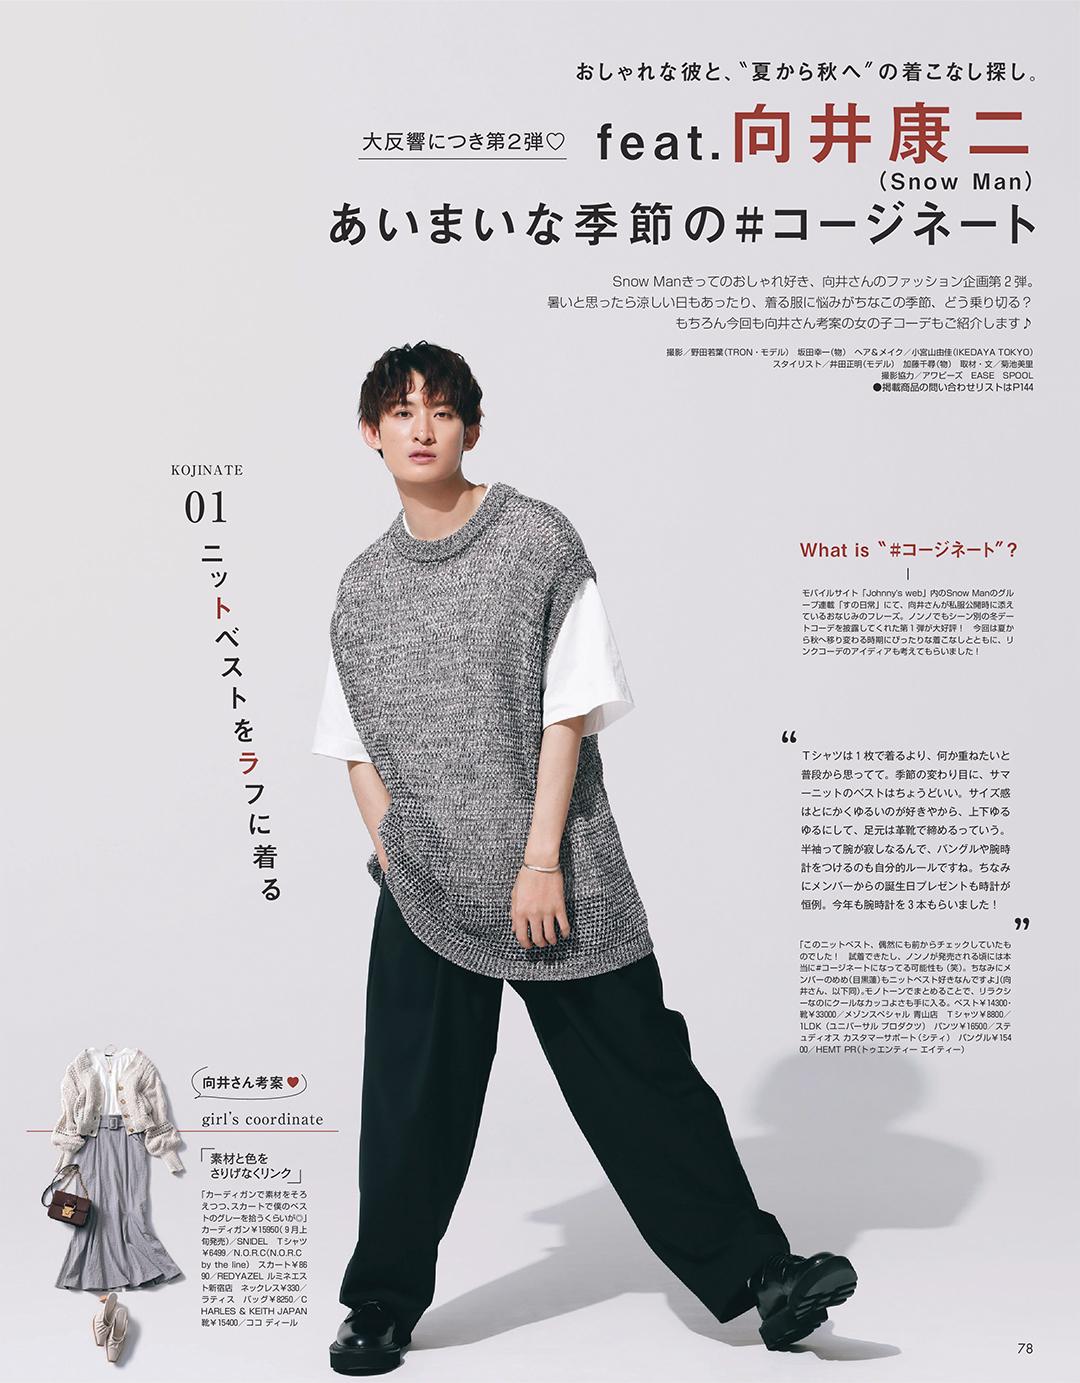 feat. 向井康二(Snow Man)あいまいな季節の#コージネート